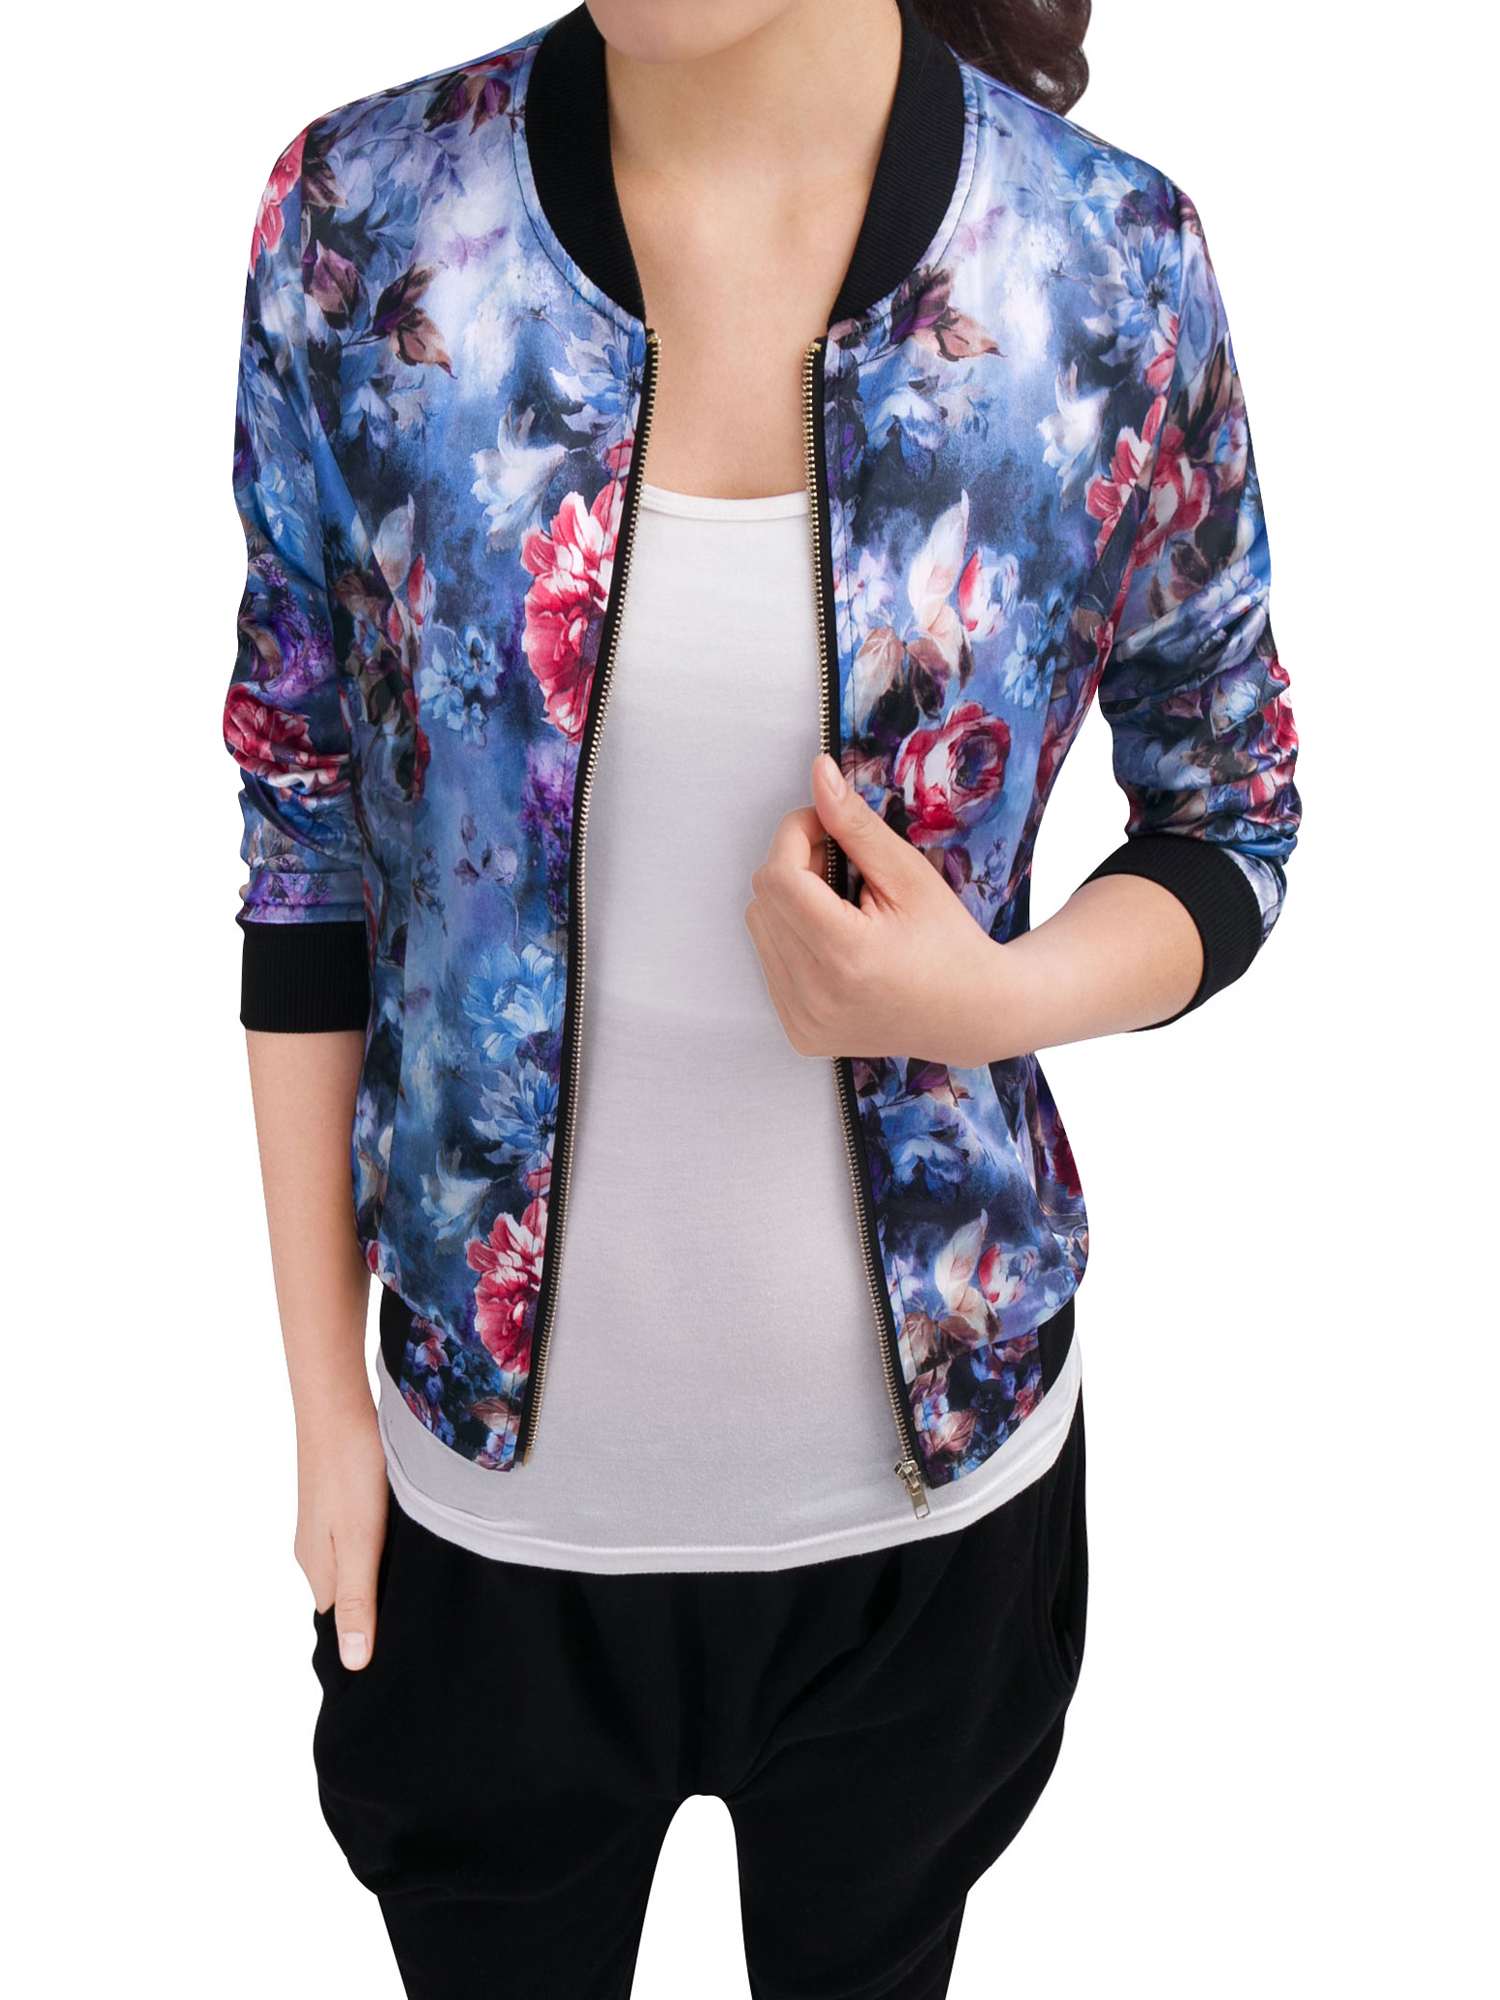 Women Long Sleeves Zipper Fly Flower Print Stylish Jacket Blue S